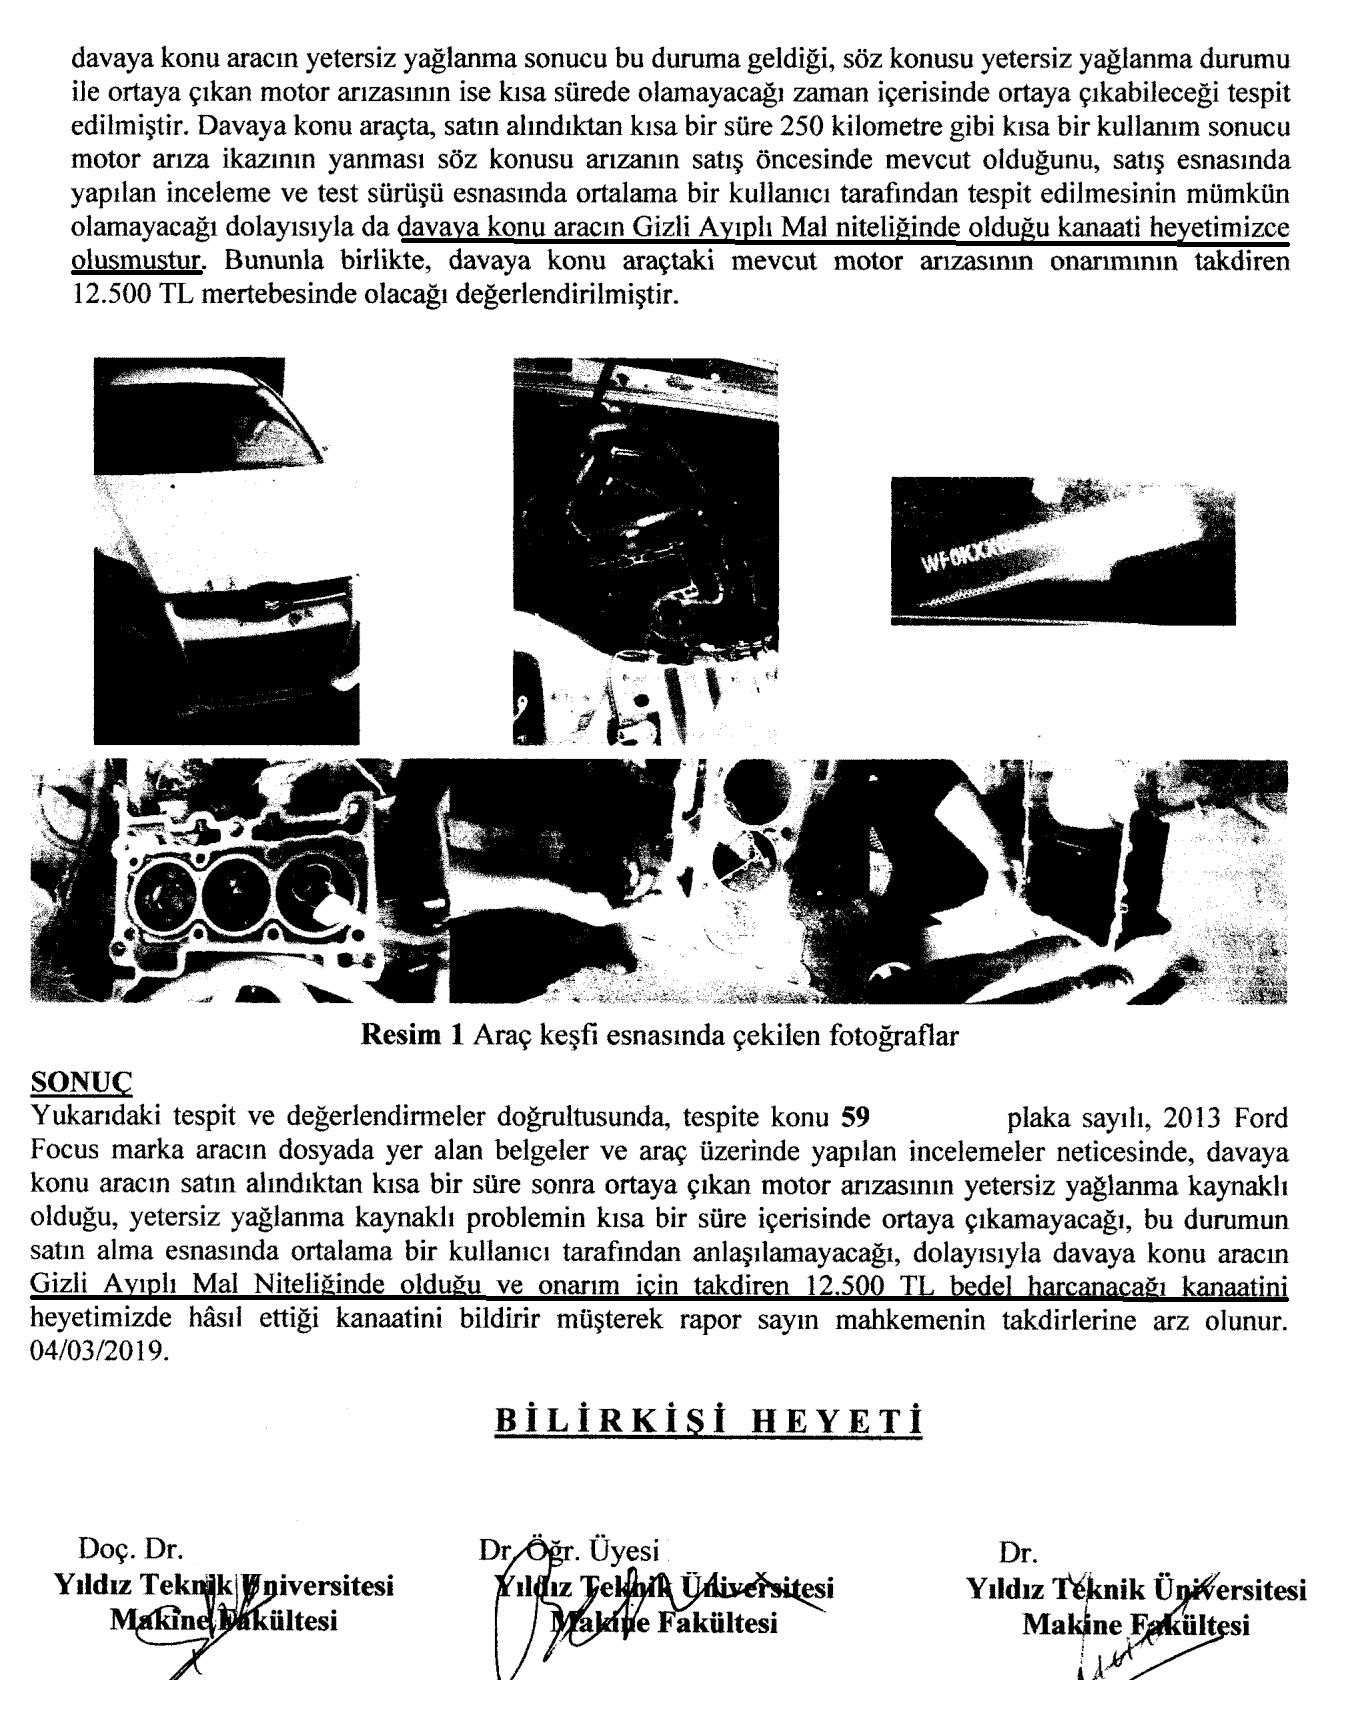 motor arızası bilirkişi raporu